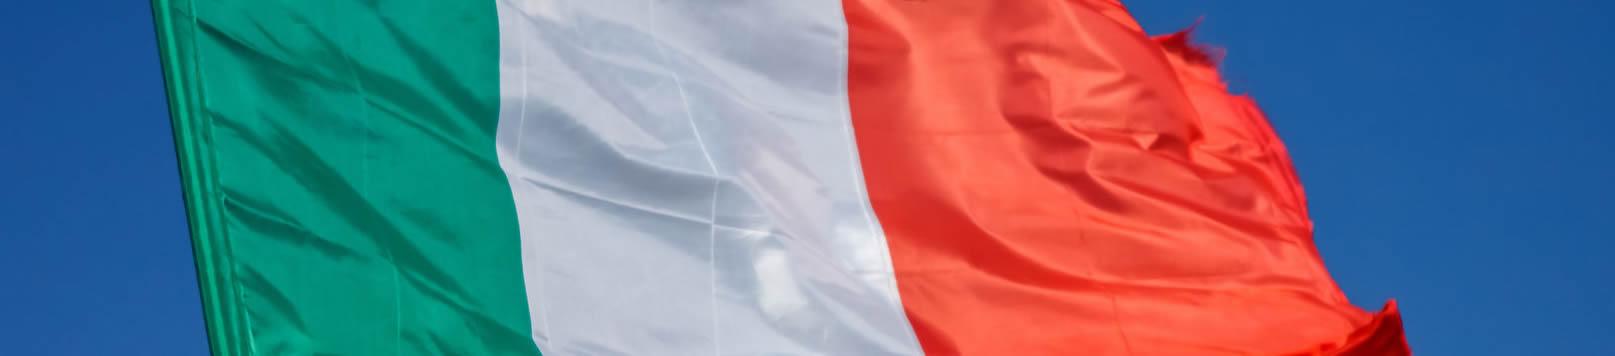 Ricerche Nazionali per Brevetti Modelli e Marchi Quartiere Maggiolina Milano